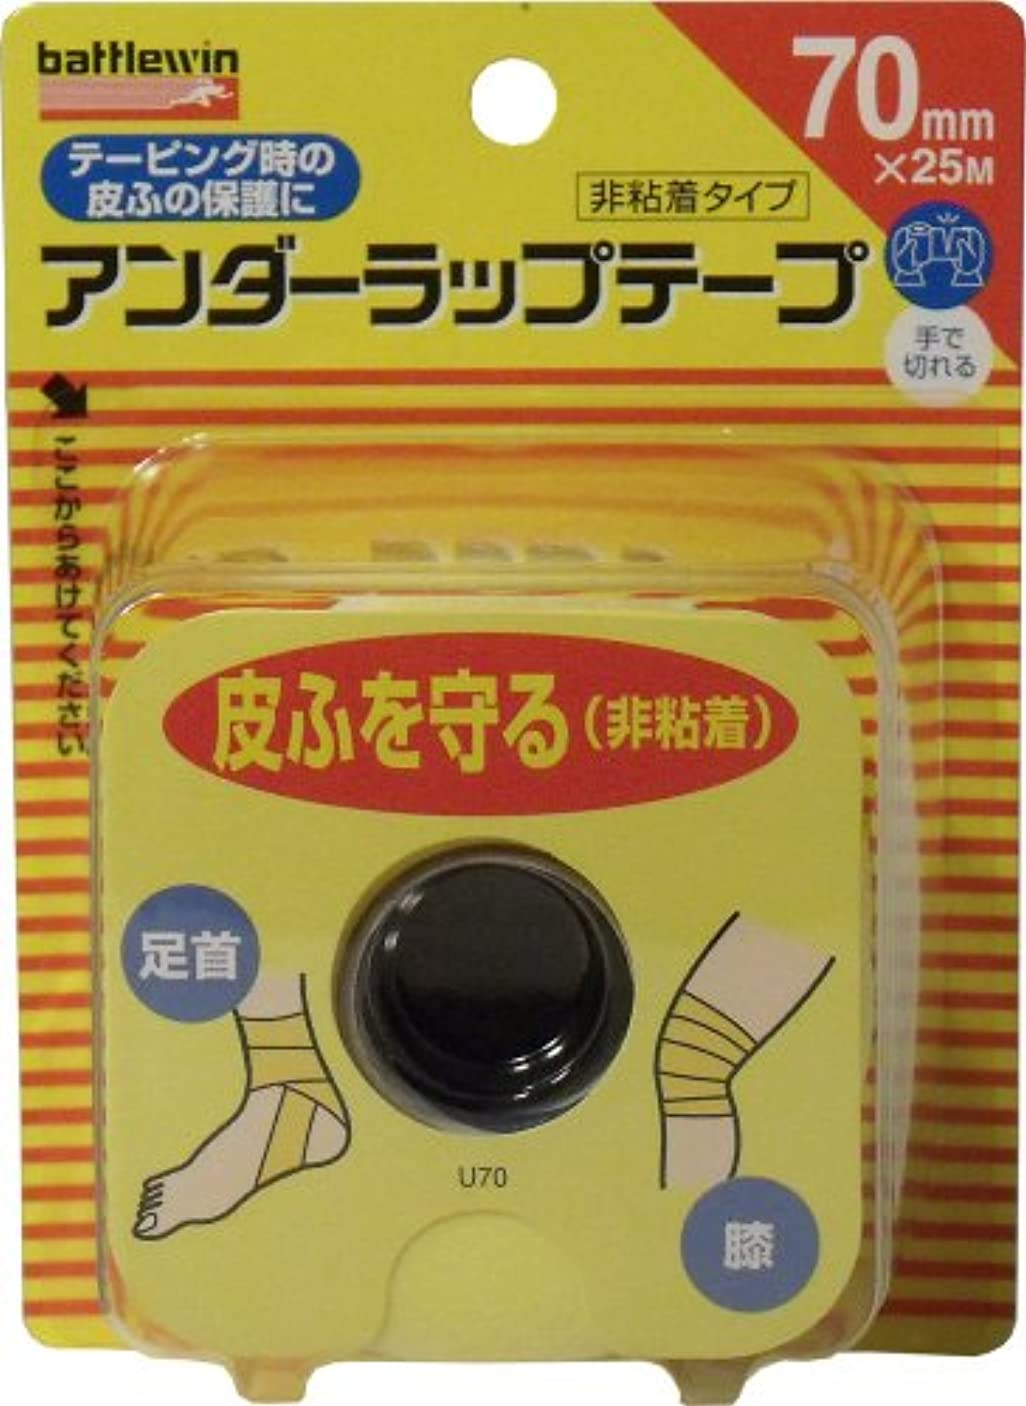 忘れっぽい乗って安全なニチバン バトルウィン アンダーラップテープ U70F 70mm×25m 1巻入×10個セット